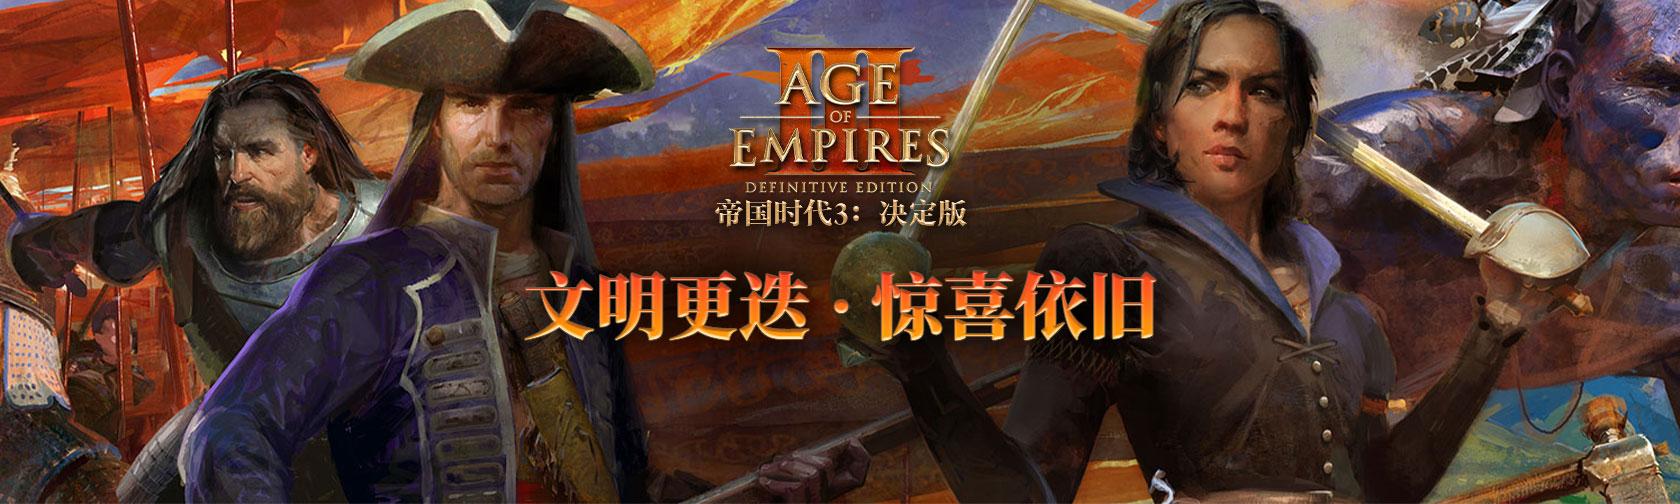 帝国时代3大BOSS:决定版